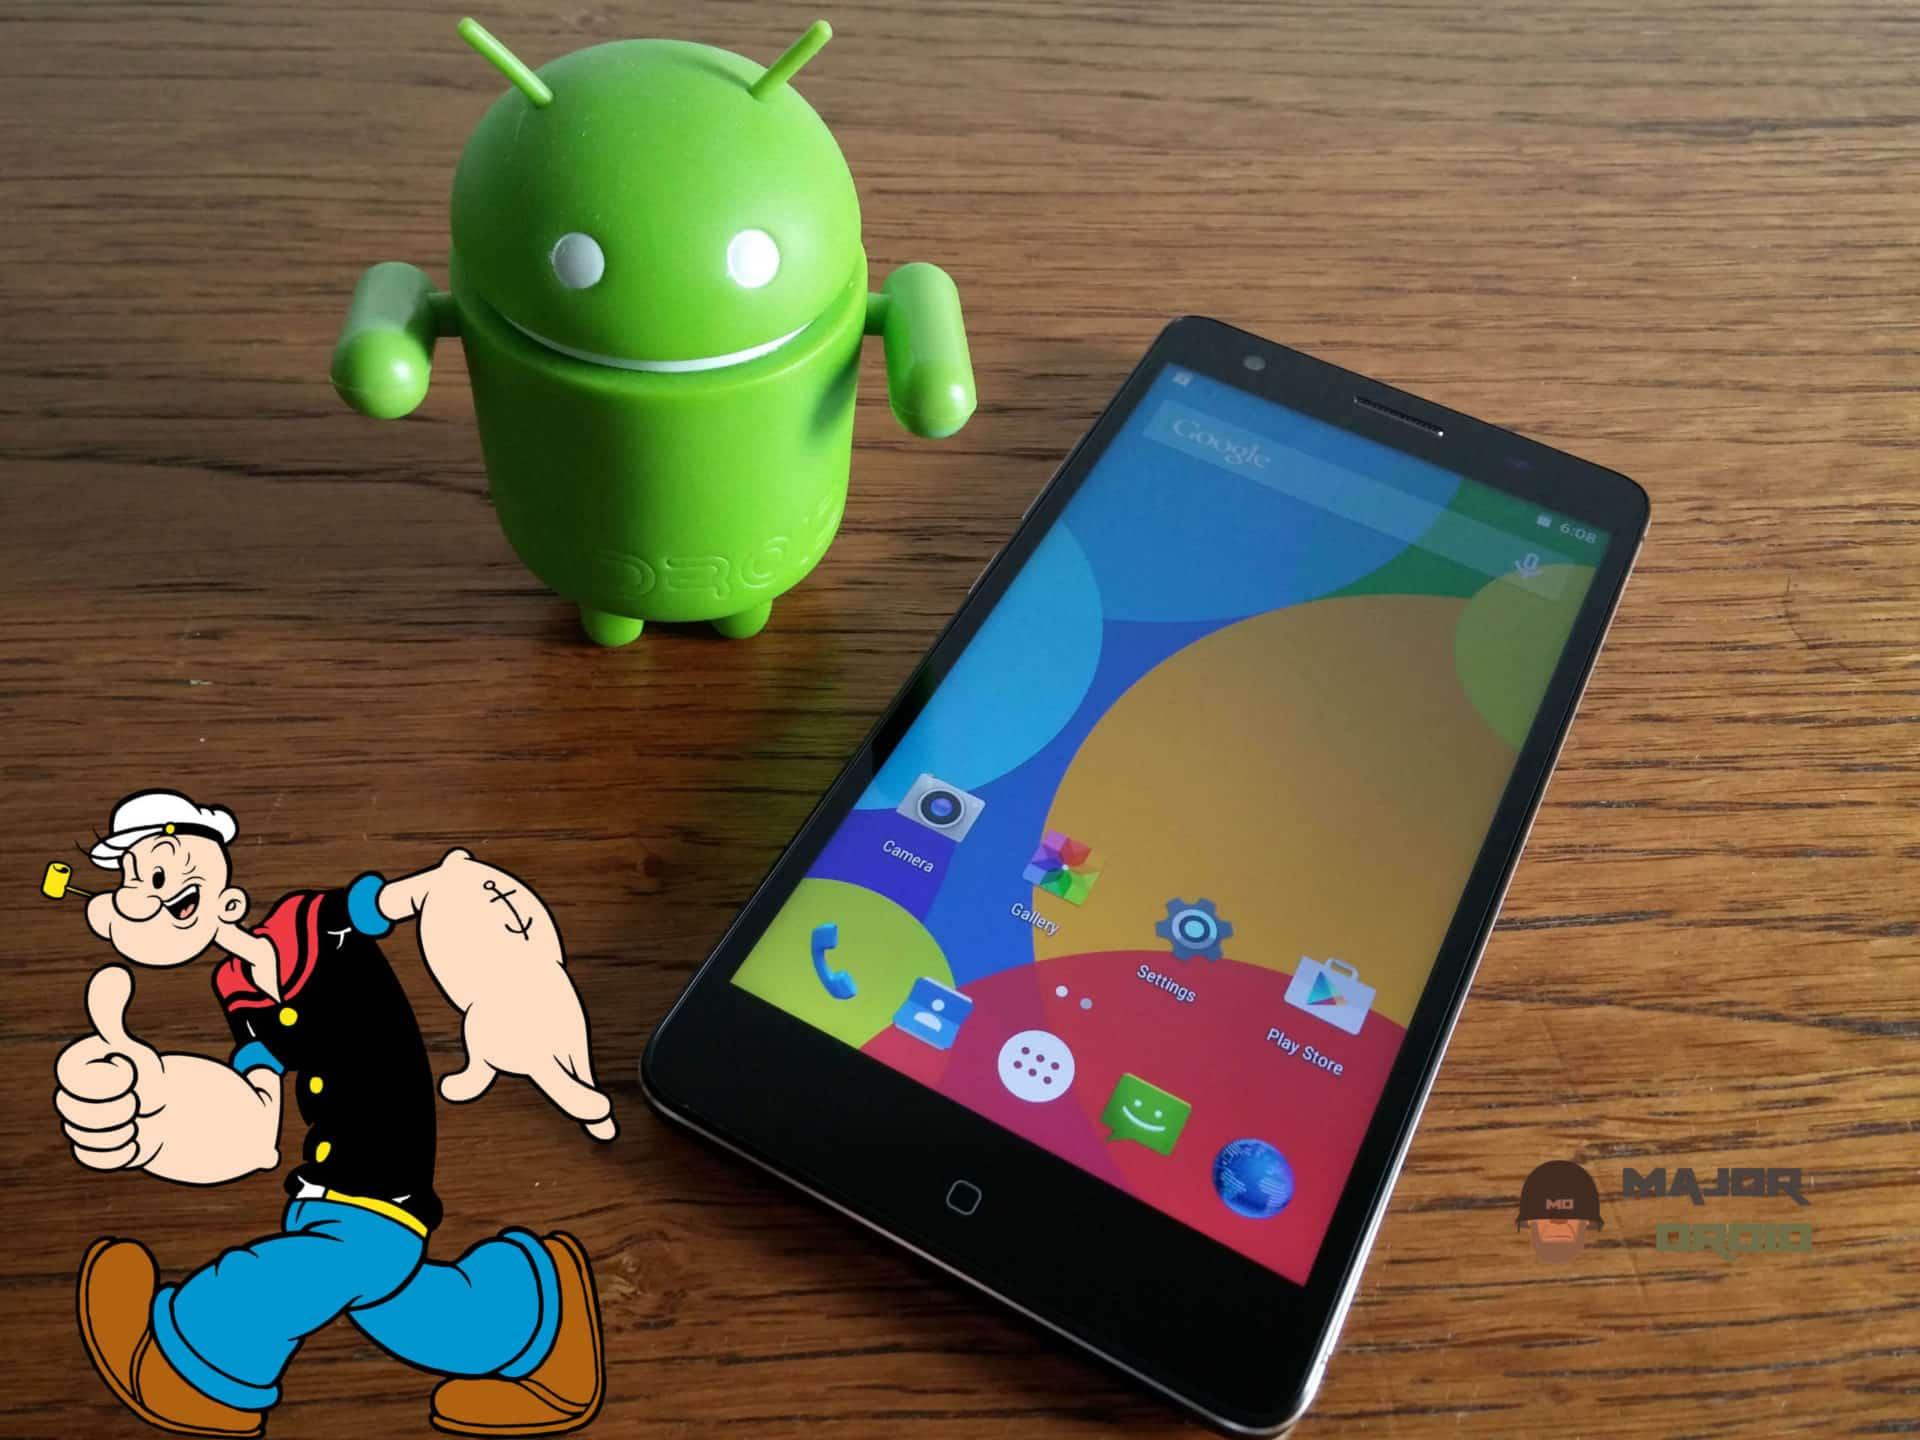 mlais m7 dual-sim phone